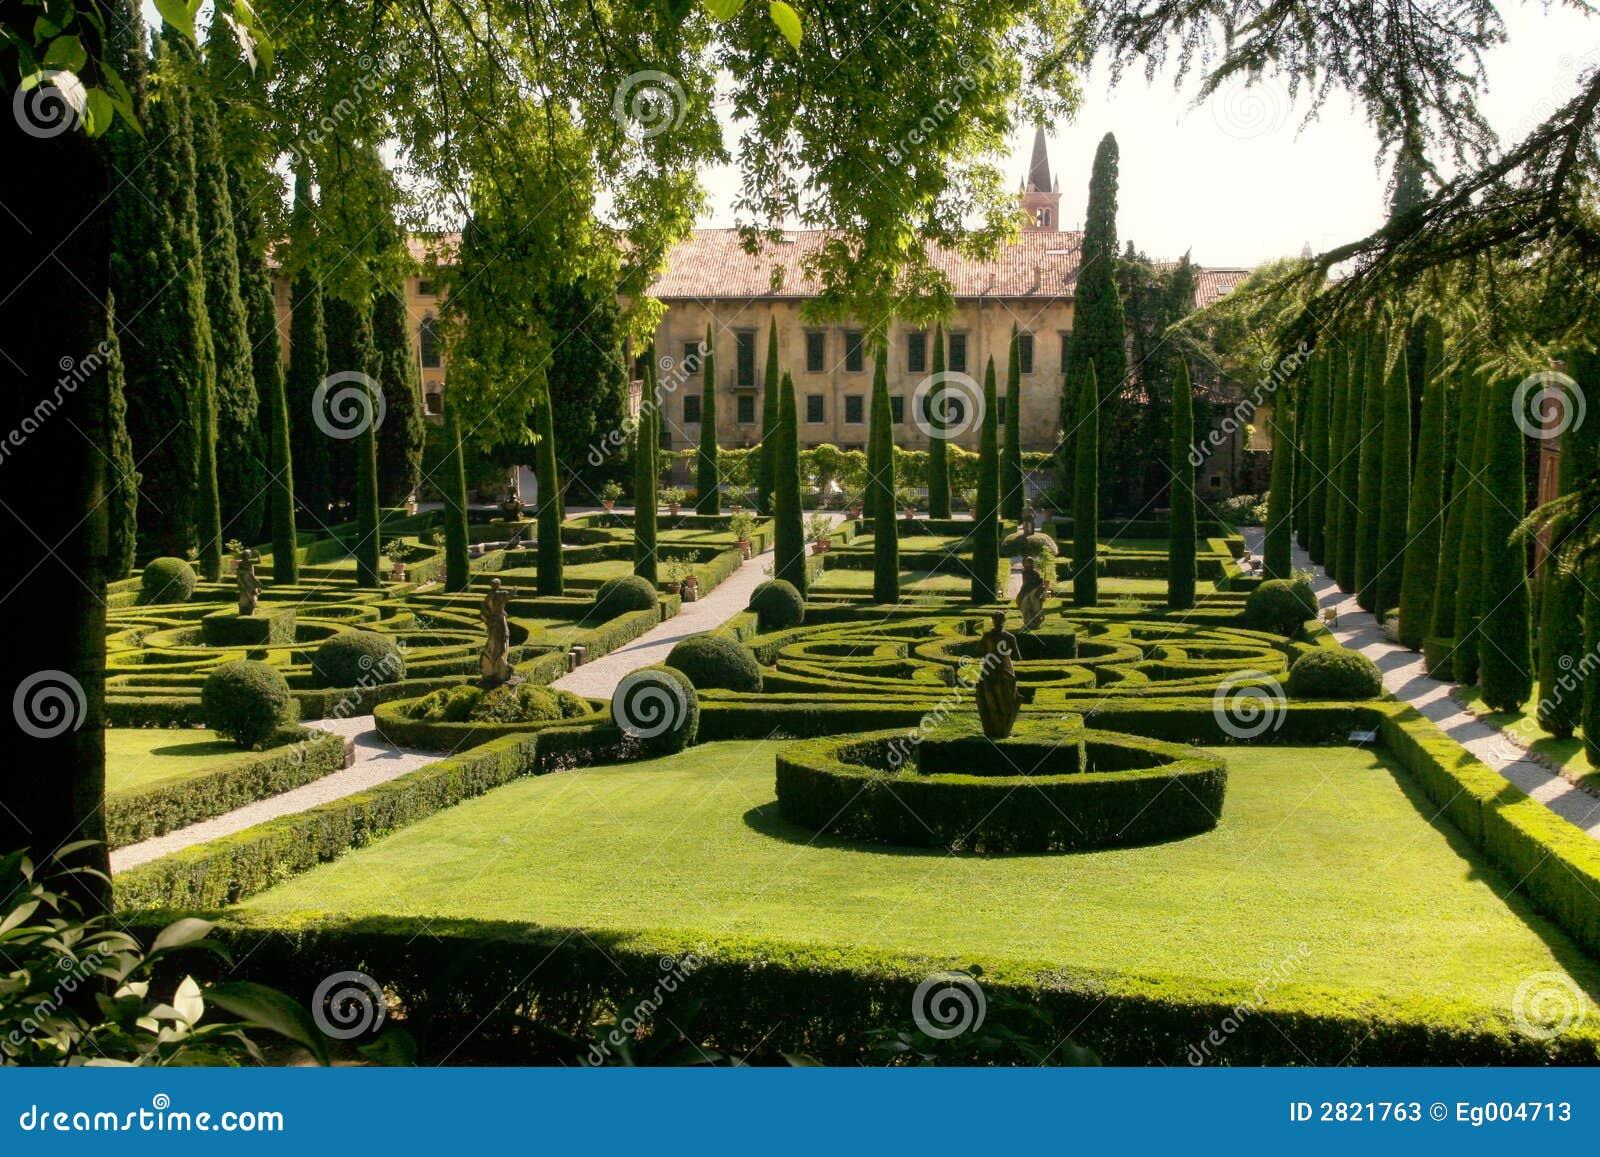 Il giardino delle naiadi giardino giusti verde ed arte nel cuore